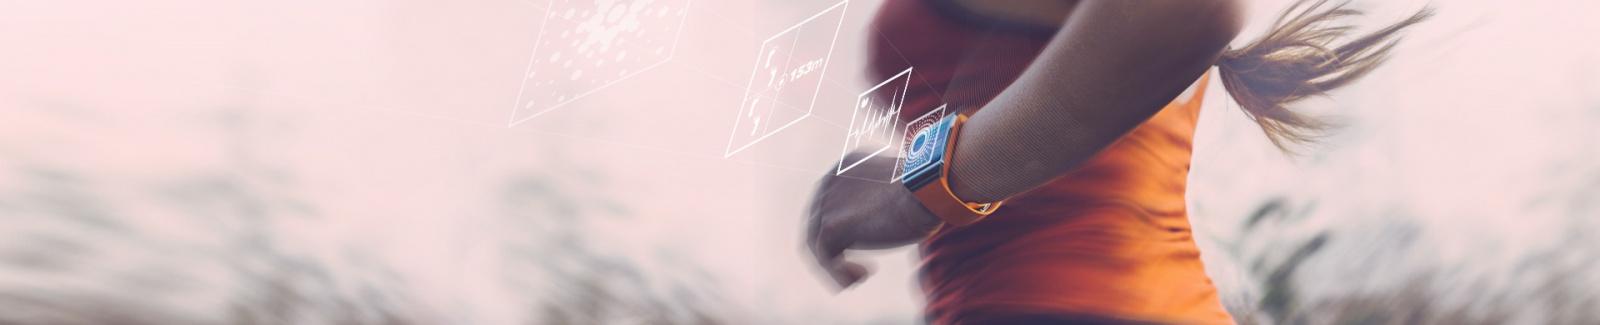 Компания Samsung анонсировала новый био-процессор для носимых устройств - 2